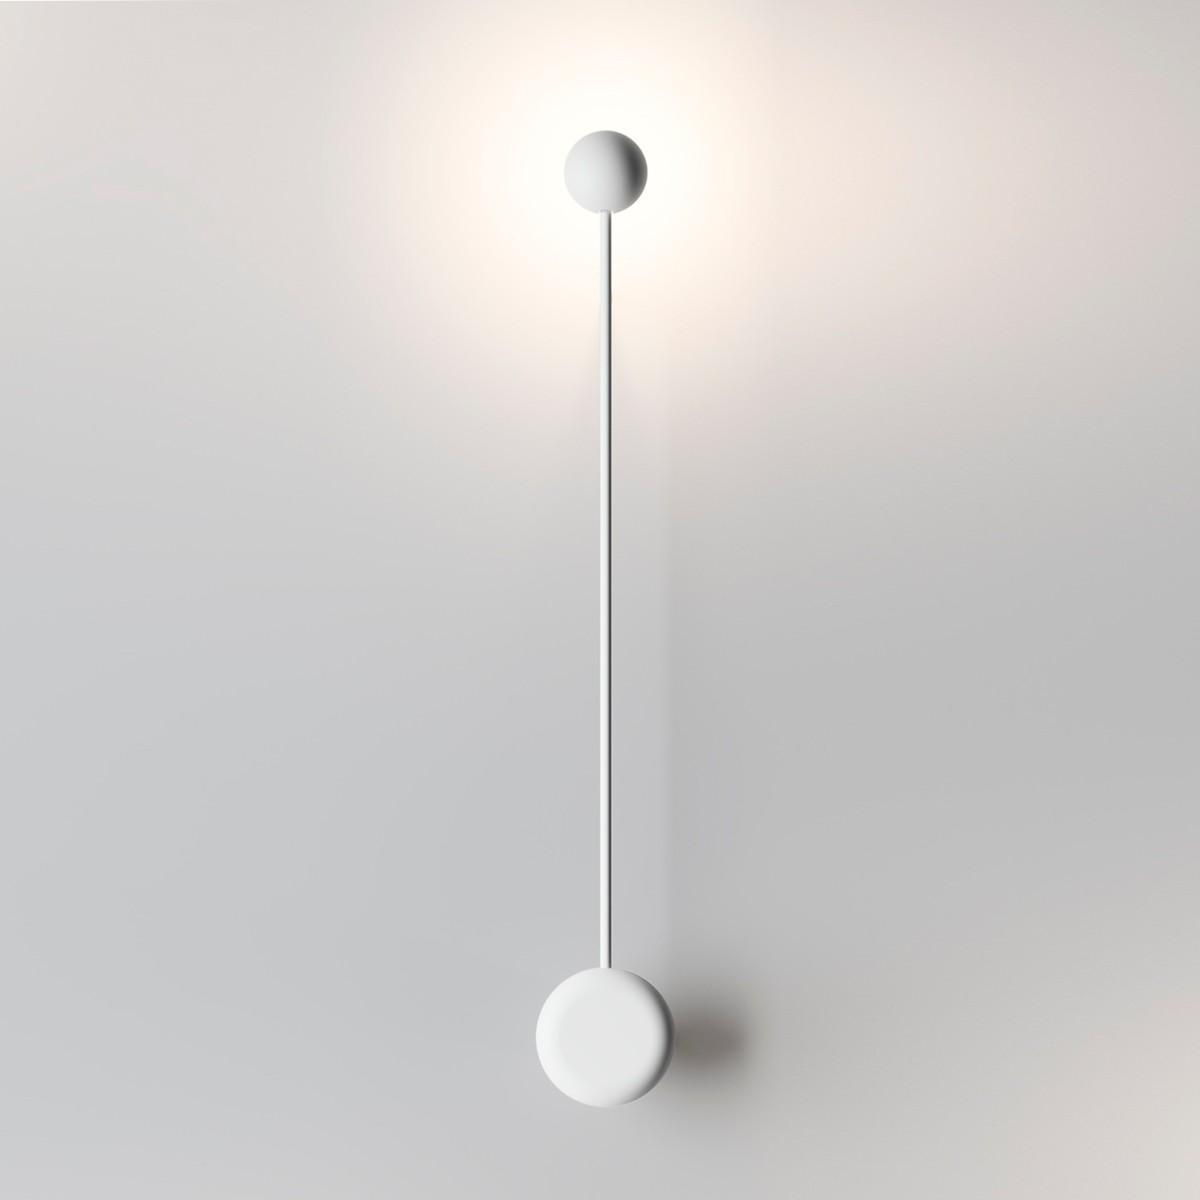 Vibia Pin 1692 Wandleuchte, weiß matt